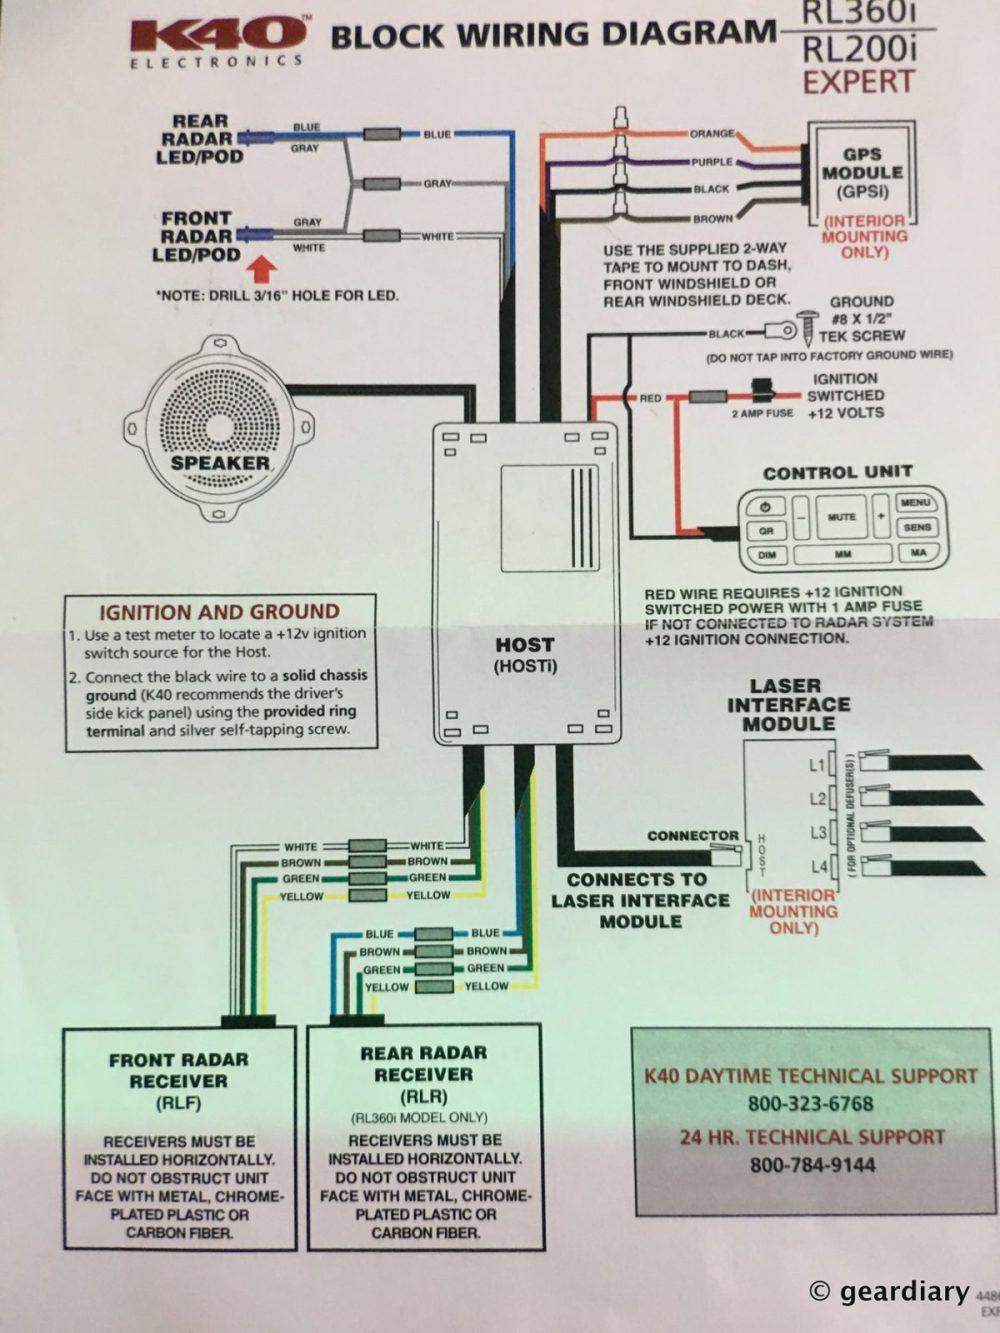 medium resolution of 08 the k40 rl360i custom installed radar detector 49 u2013 geardiary08 the k40 rl360i custom